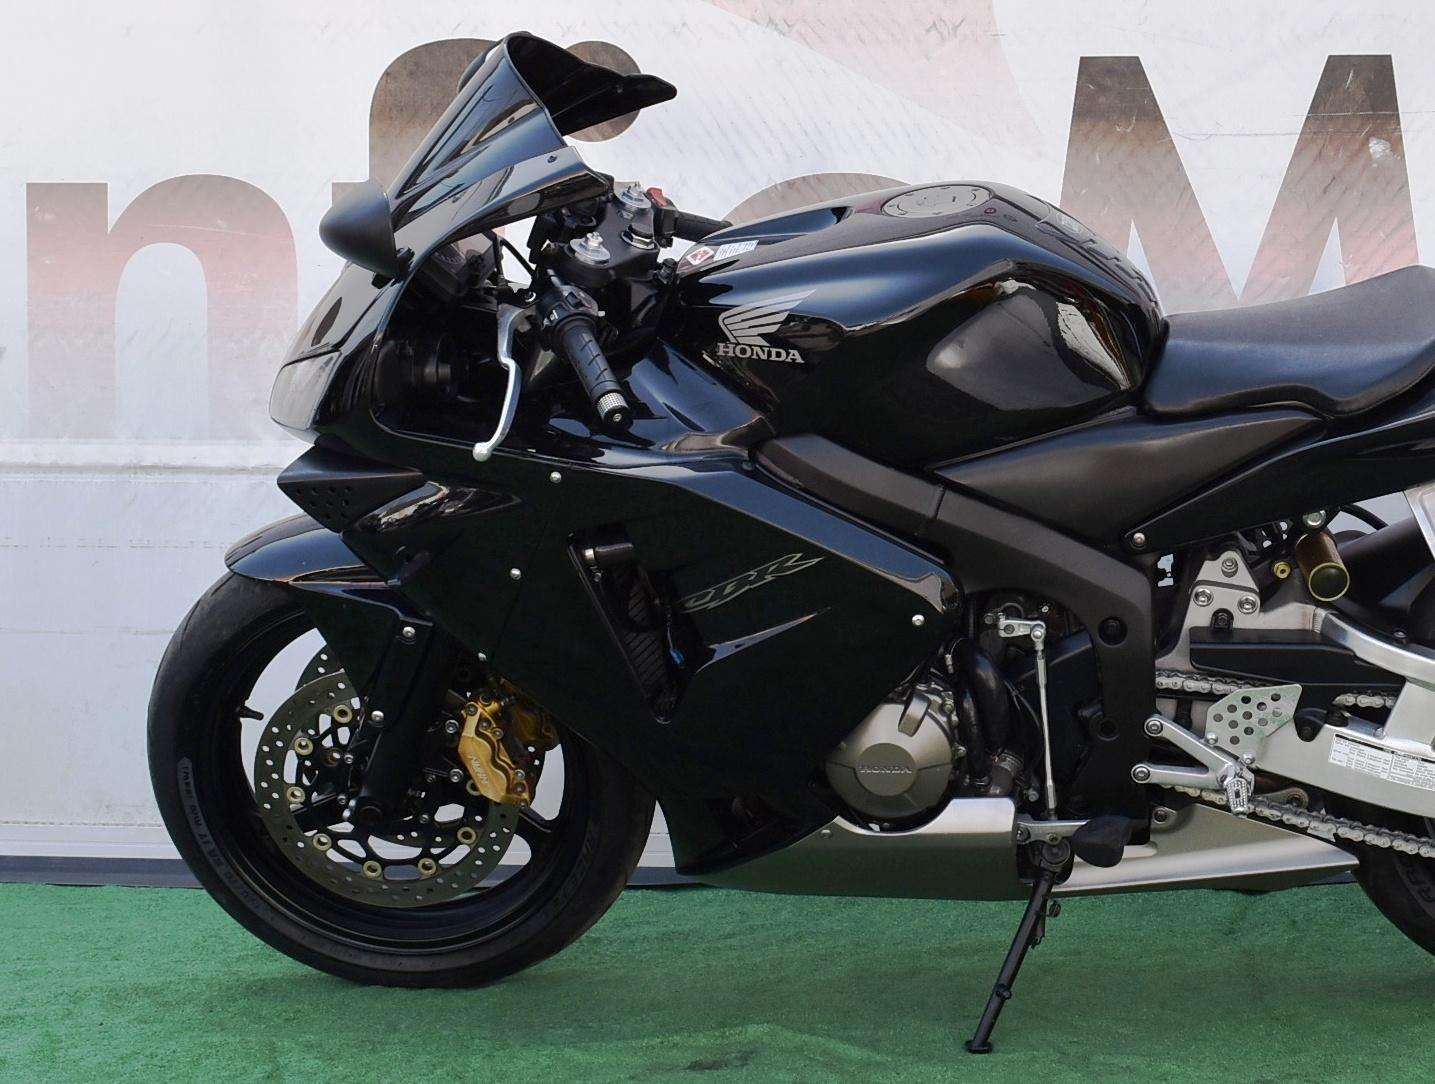 HONDA CBR 600 RR – 2004